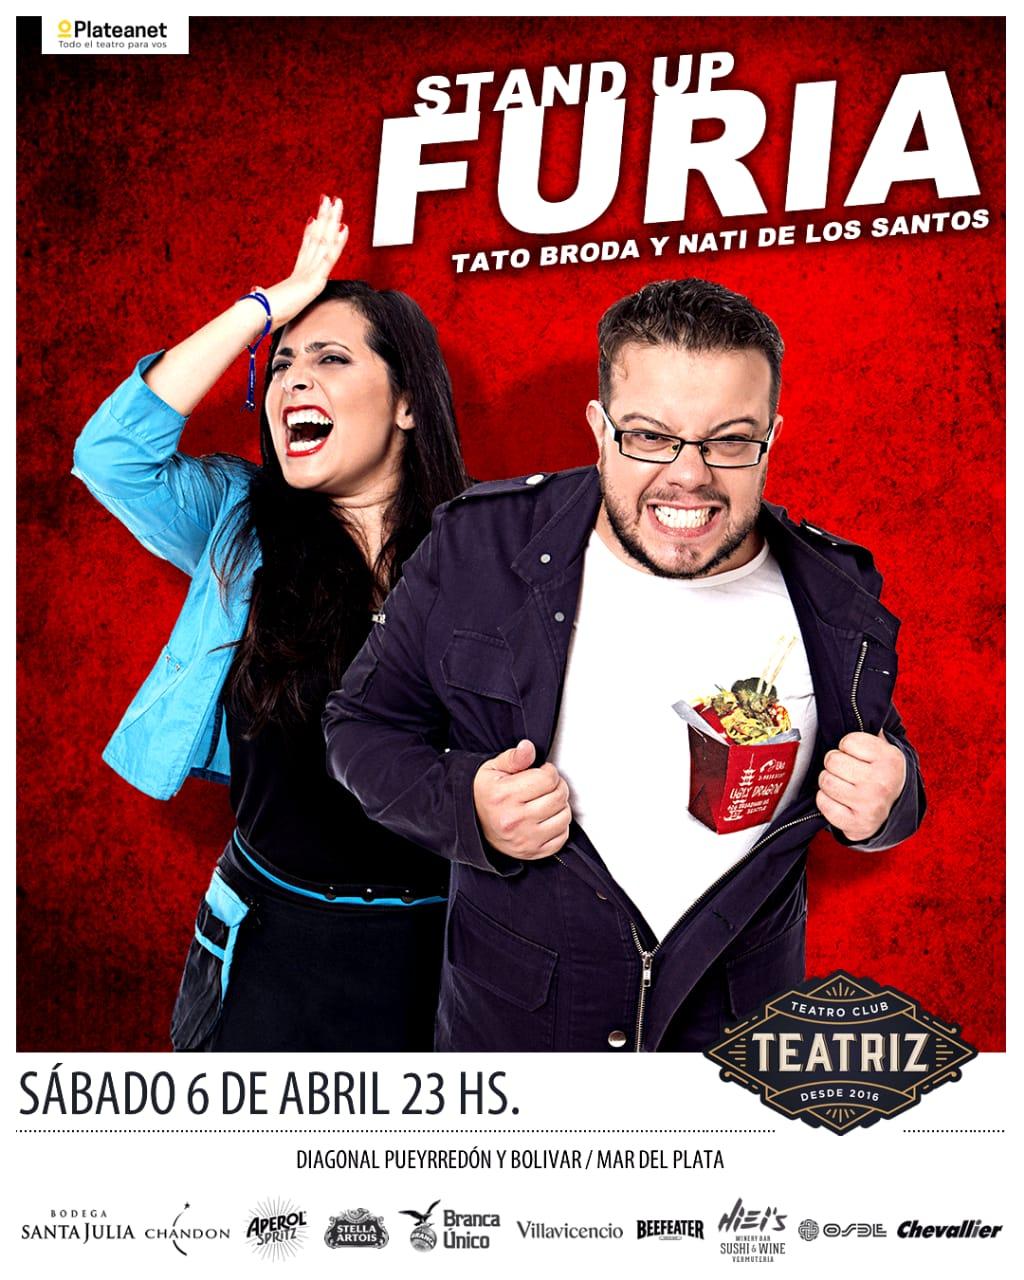 Furia!: un stand up explosivo